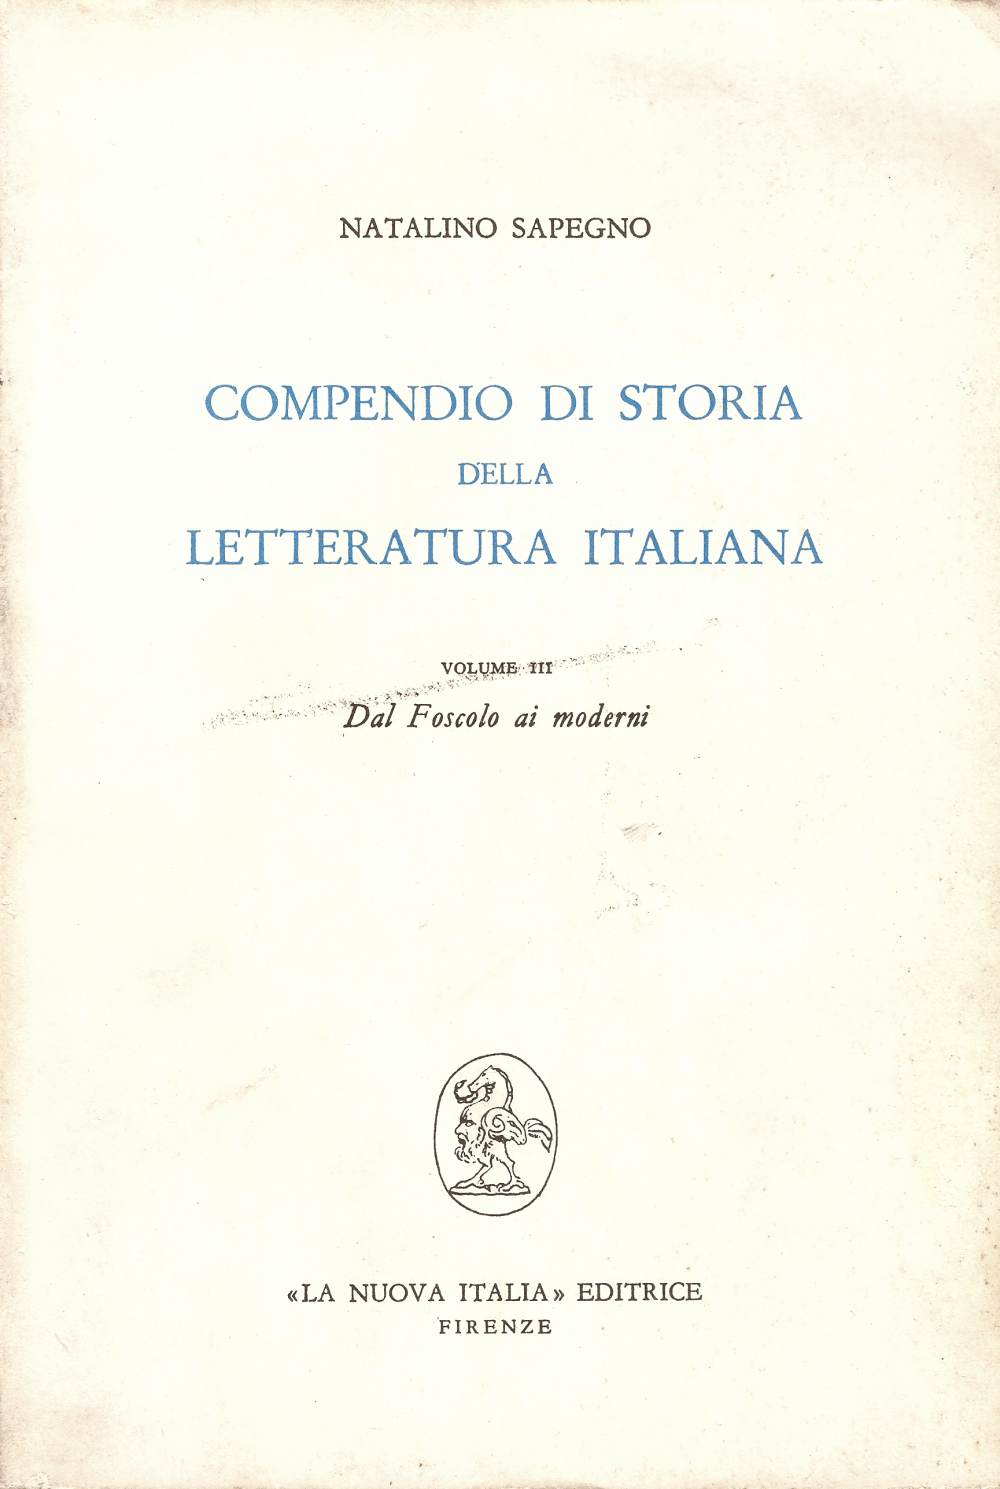 Compendio di storia della letteratura italiana Vol. 3°